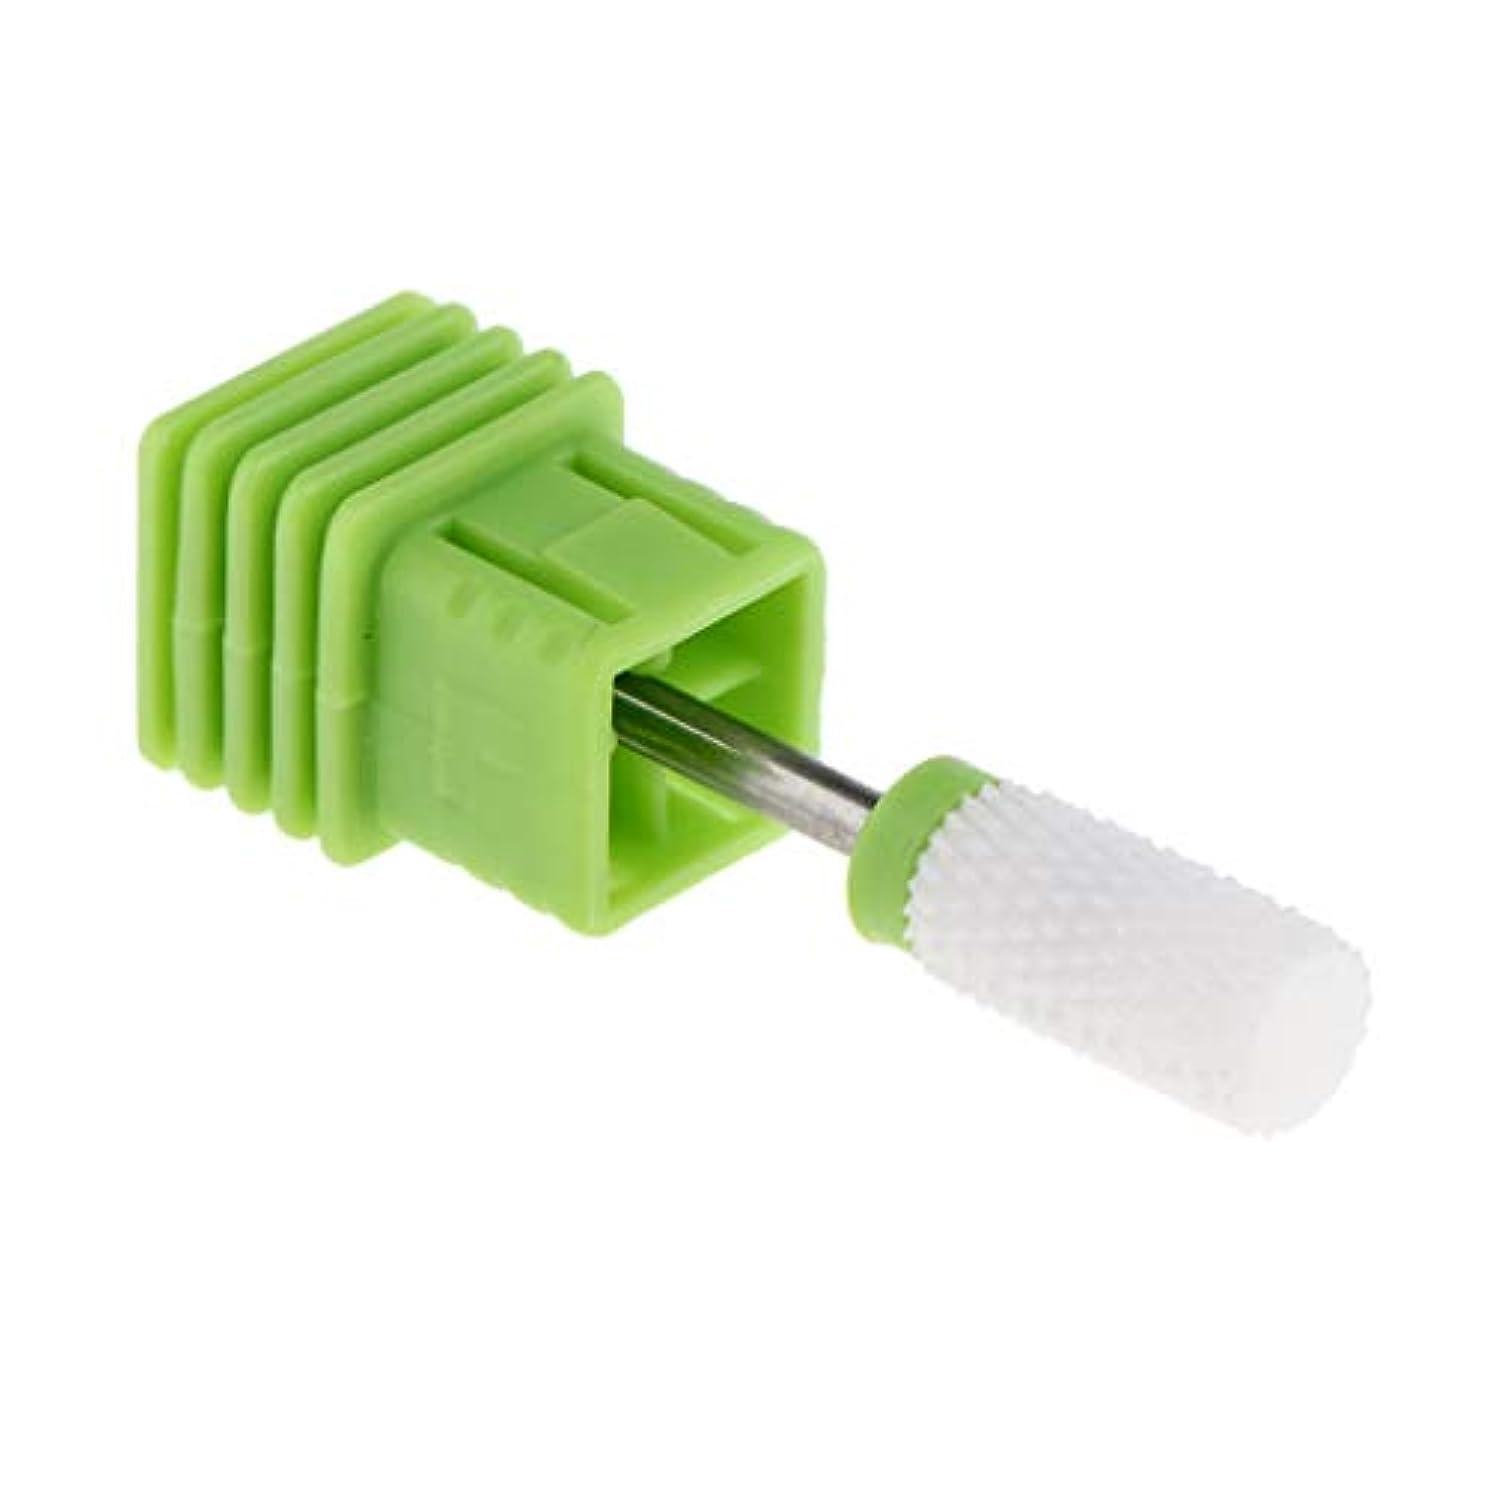 アクティブ爆発するラフ睡眠Injoyo セラミックネイルドリルビット、電気ジェルネイルサロンマニキュアツールの場合は、研磨ヘッドネイルアートツールを削除するキューティクルクリーン - C